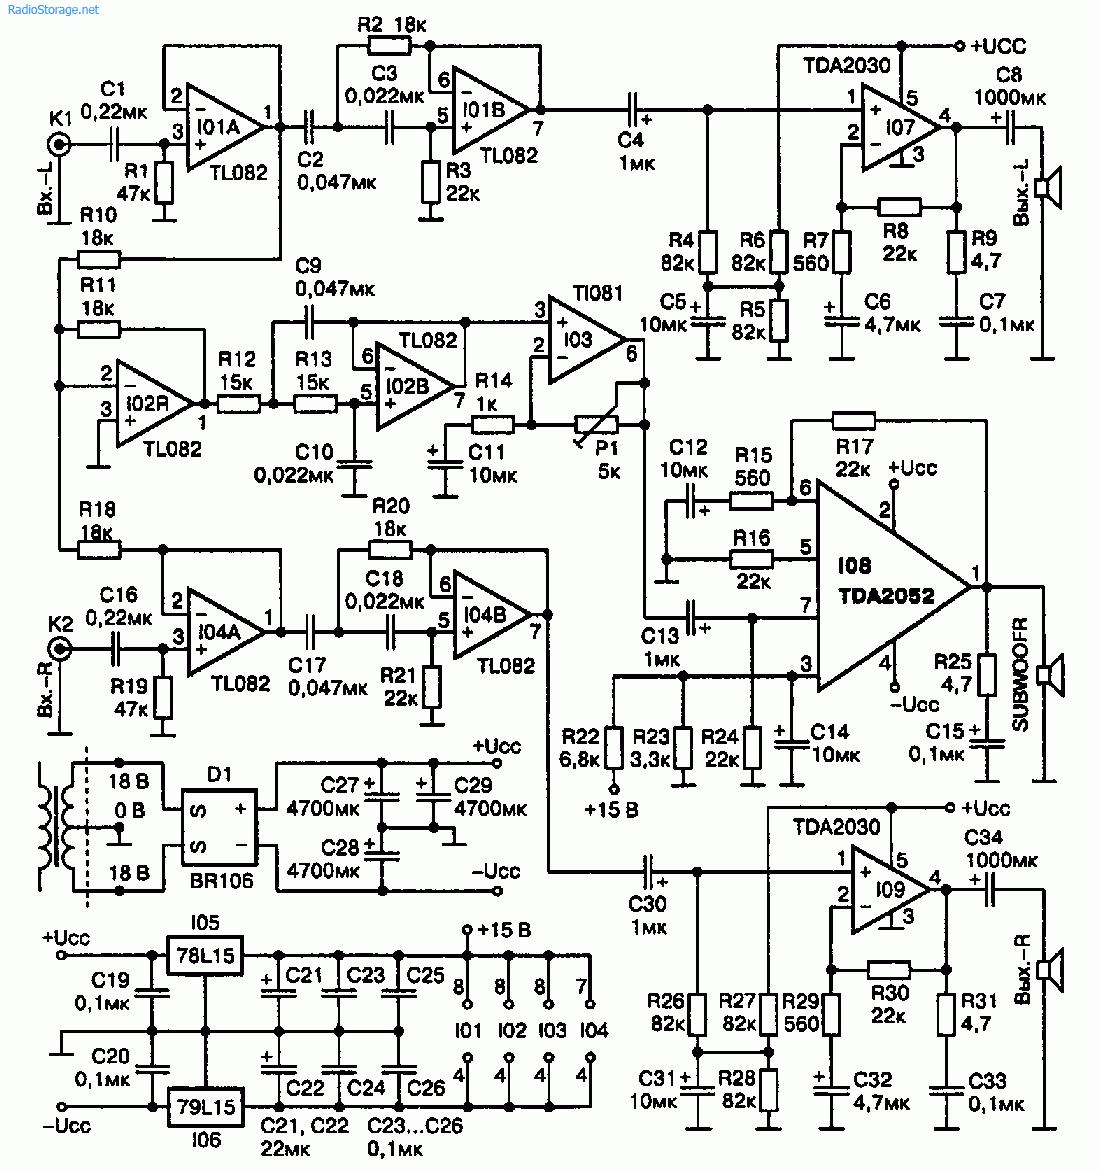 Мультимедийный УМЗЧ с сабвуфером 2 х TDA2030 + TDA2052